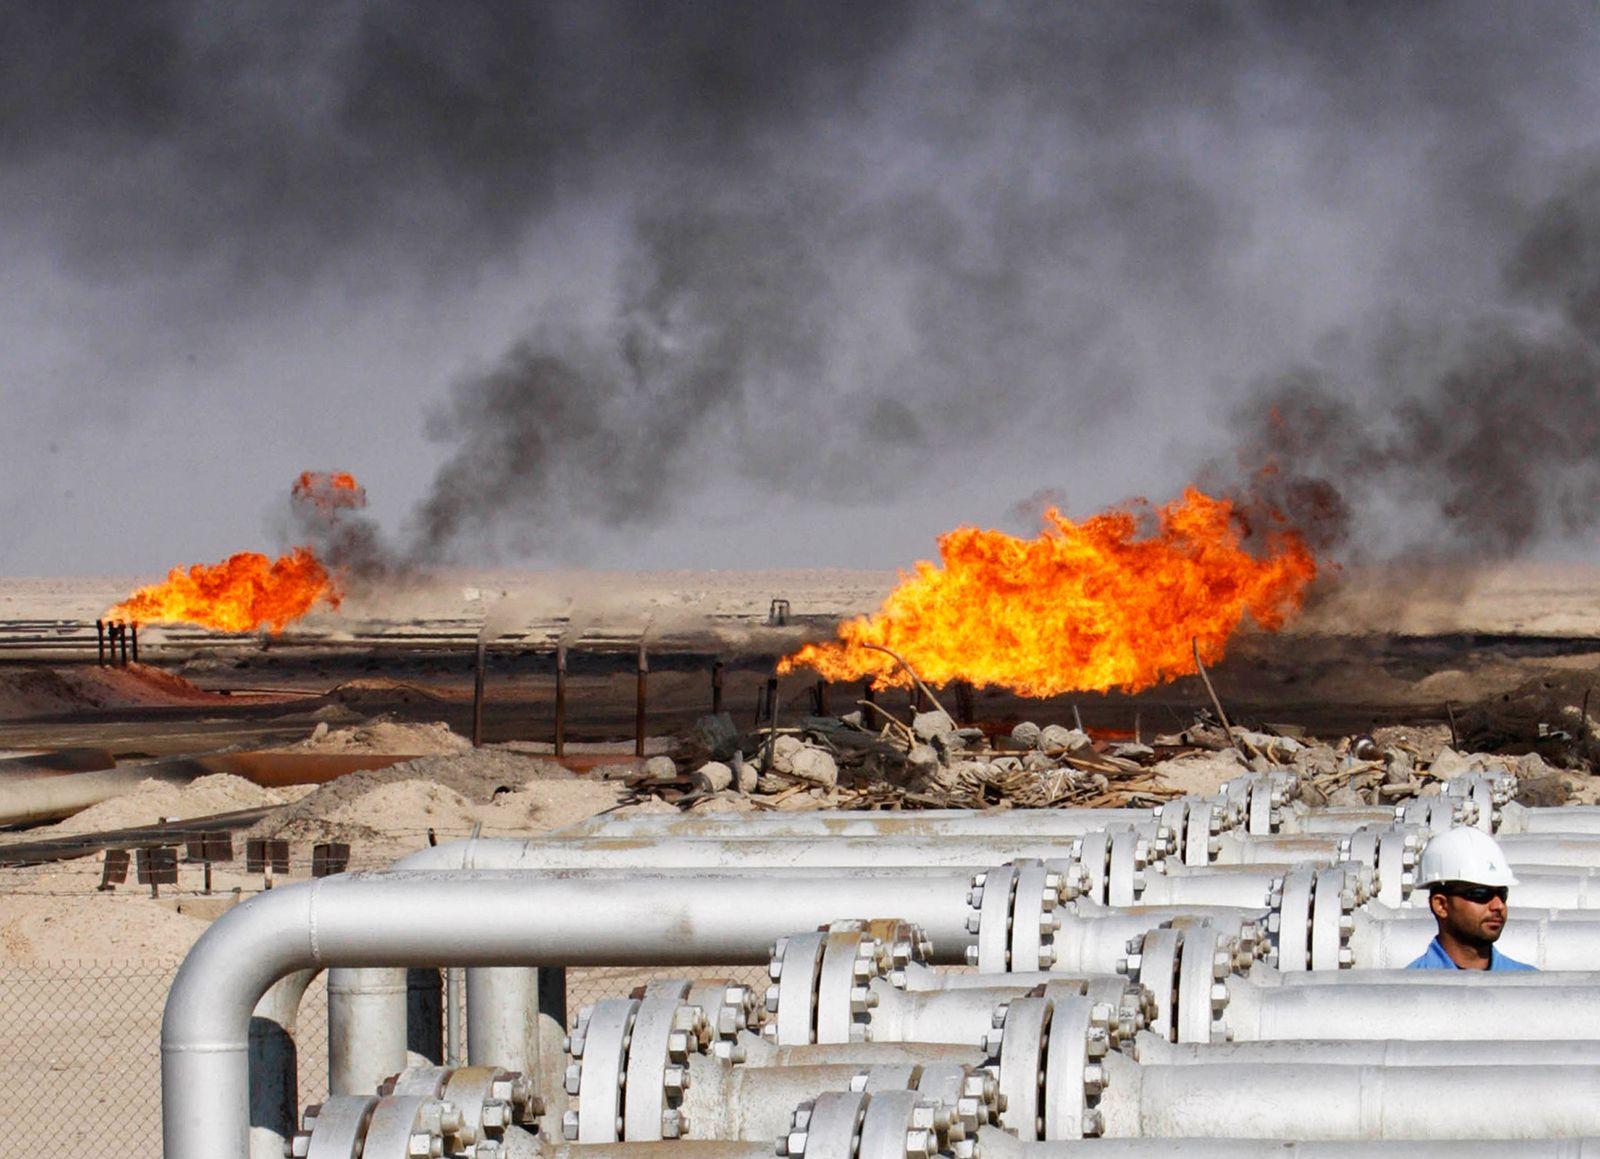 Ölpreis / Ölfeld / Öl / Irak / Erdöl / Krise